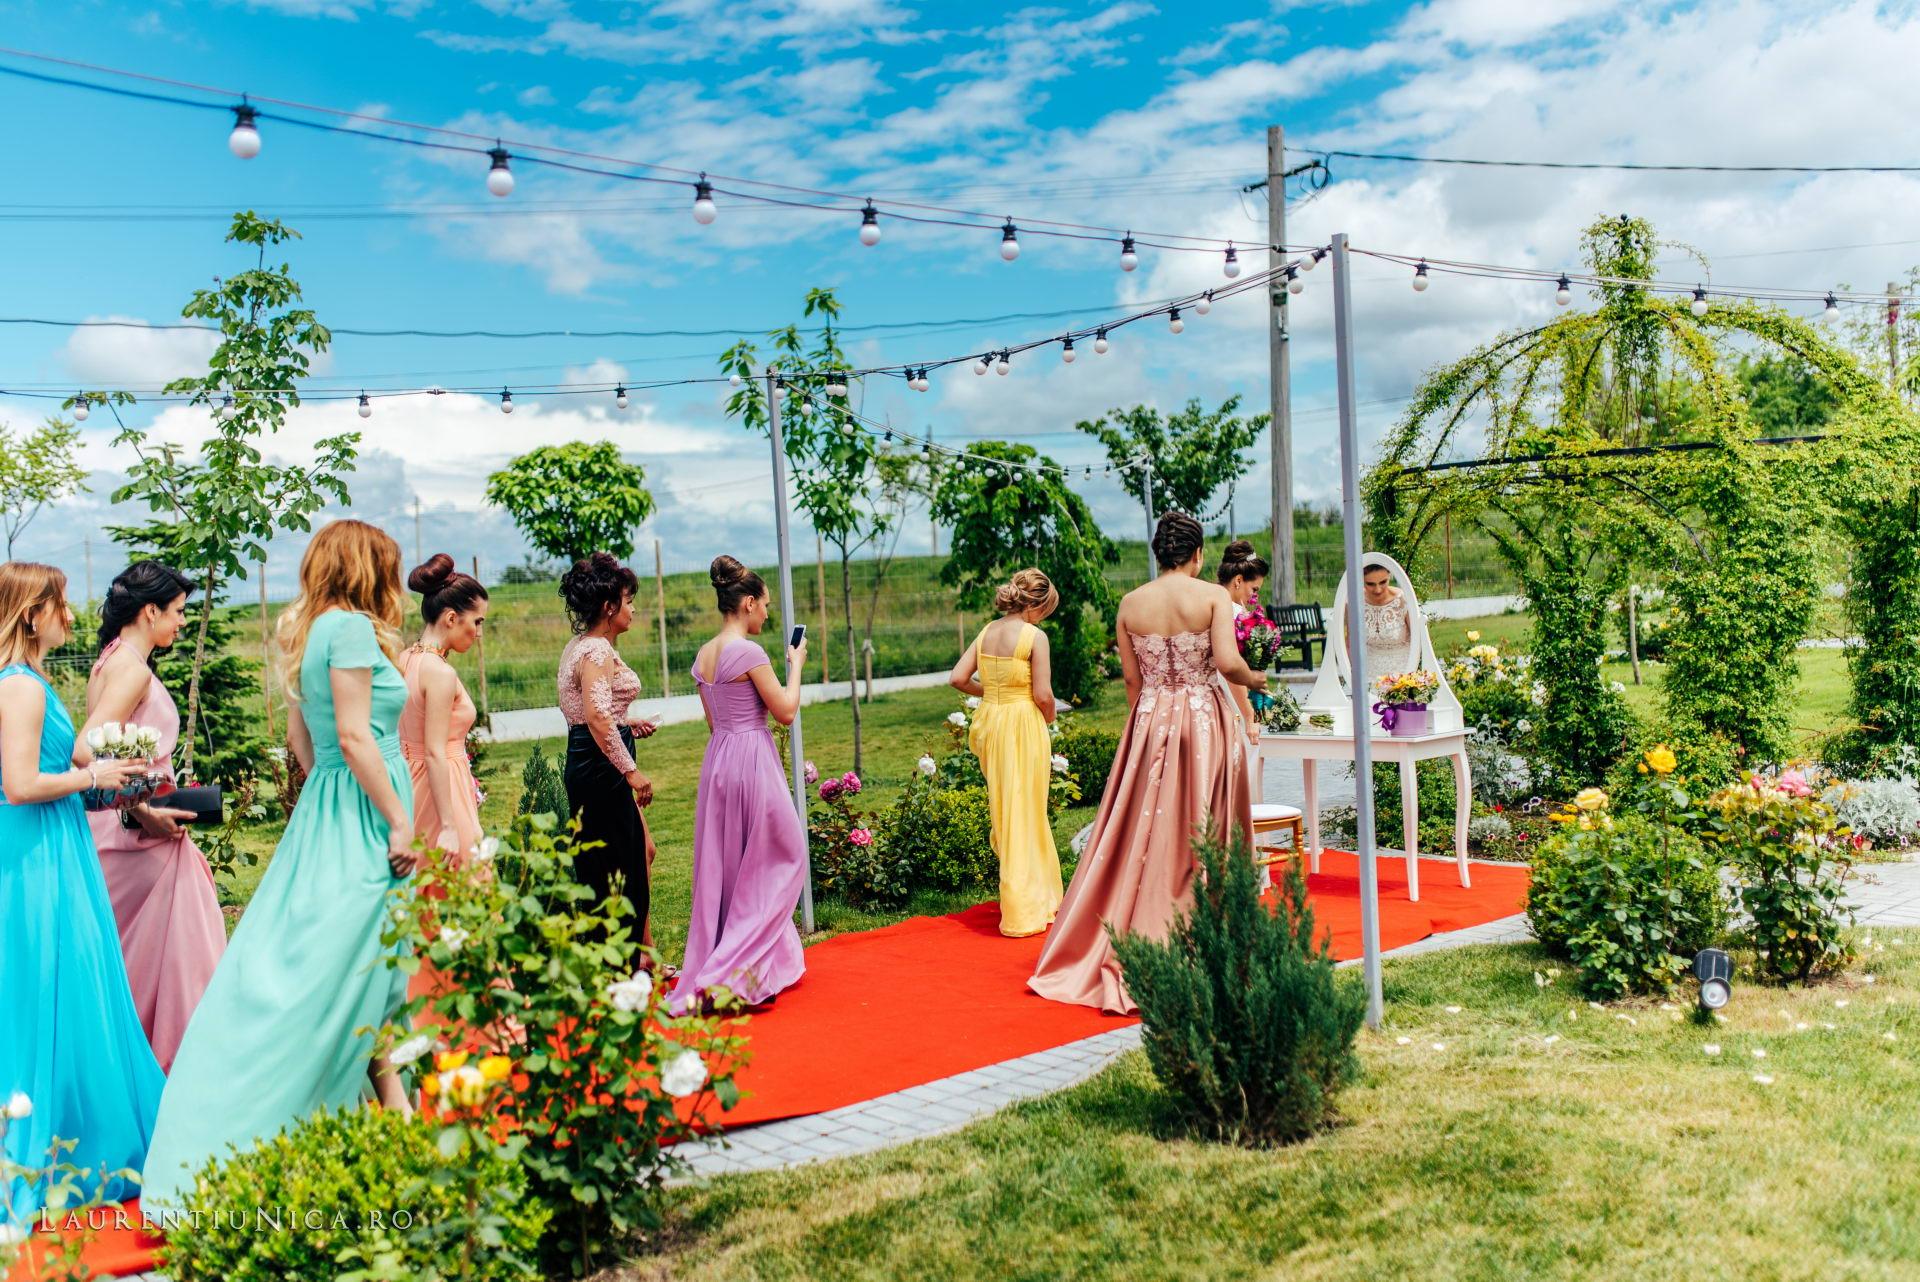 denisa si catalin fotograf nunta laurentiu nica craiova 26 - Denisa si Catalin | Fotografii nunta | Craiova